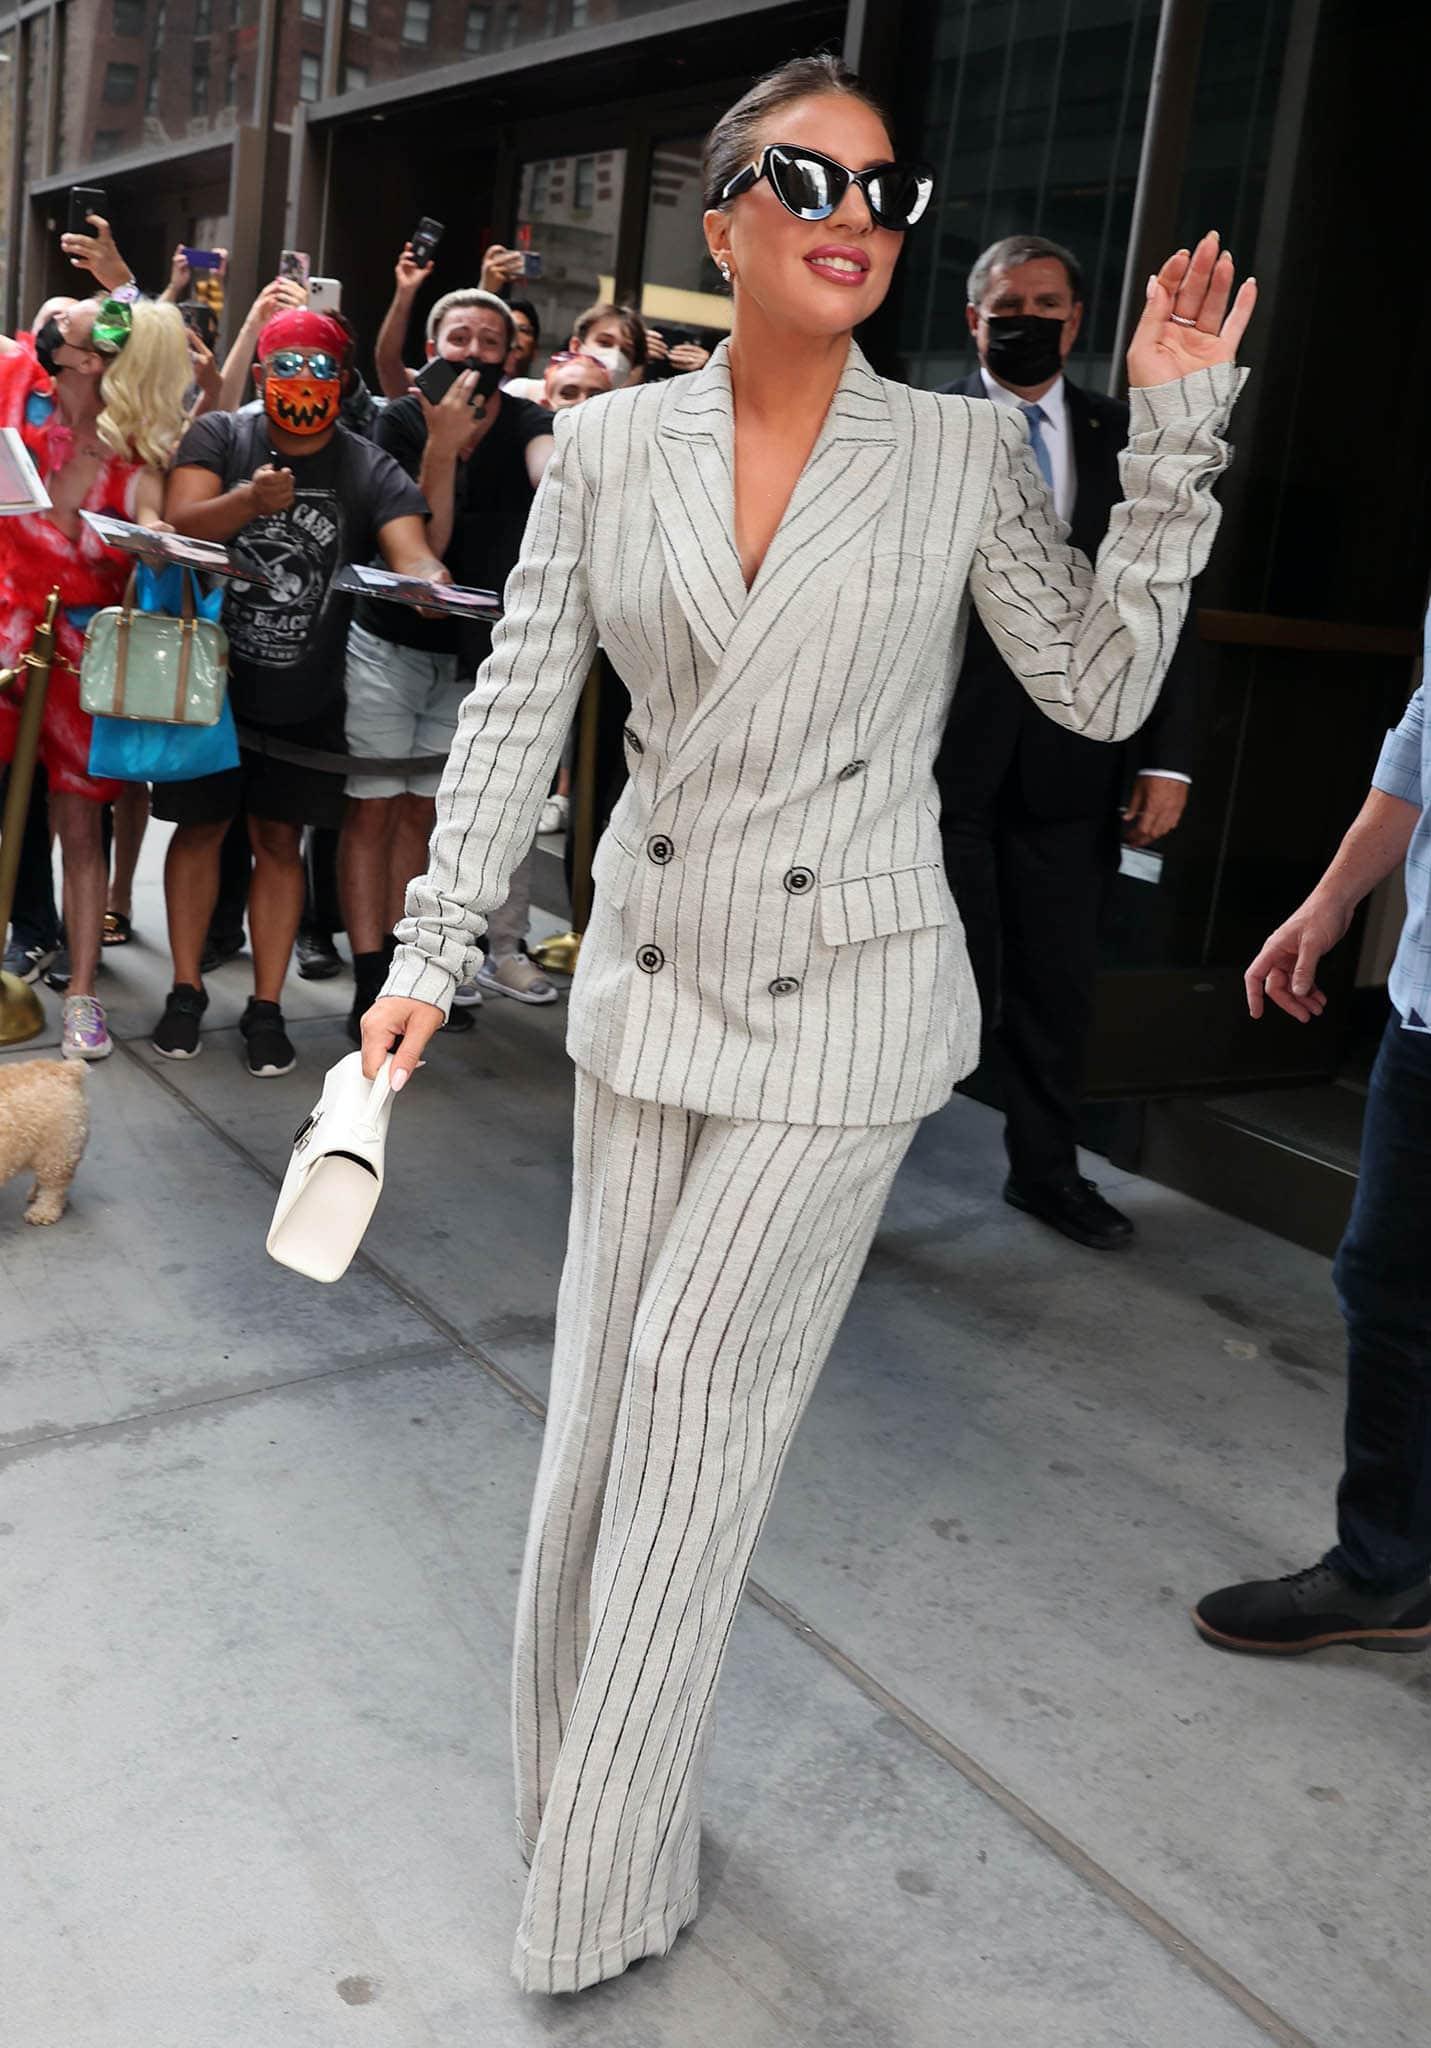 Lady Gaga channels her inner boss lady in Jean Paul Gaultier pinstripe suit